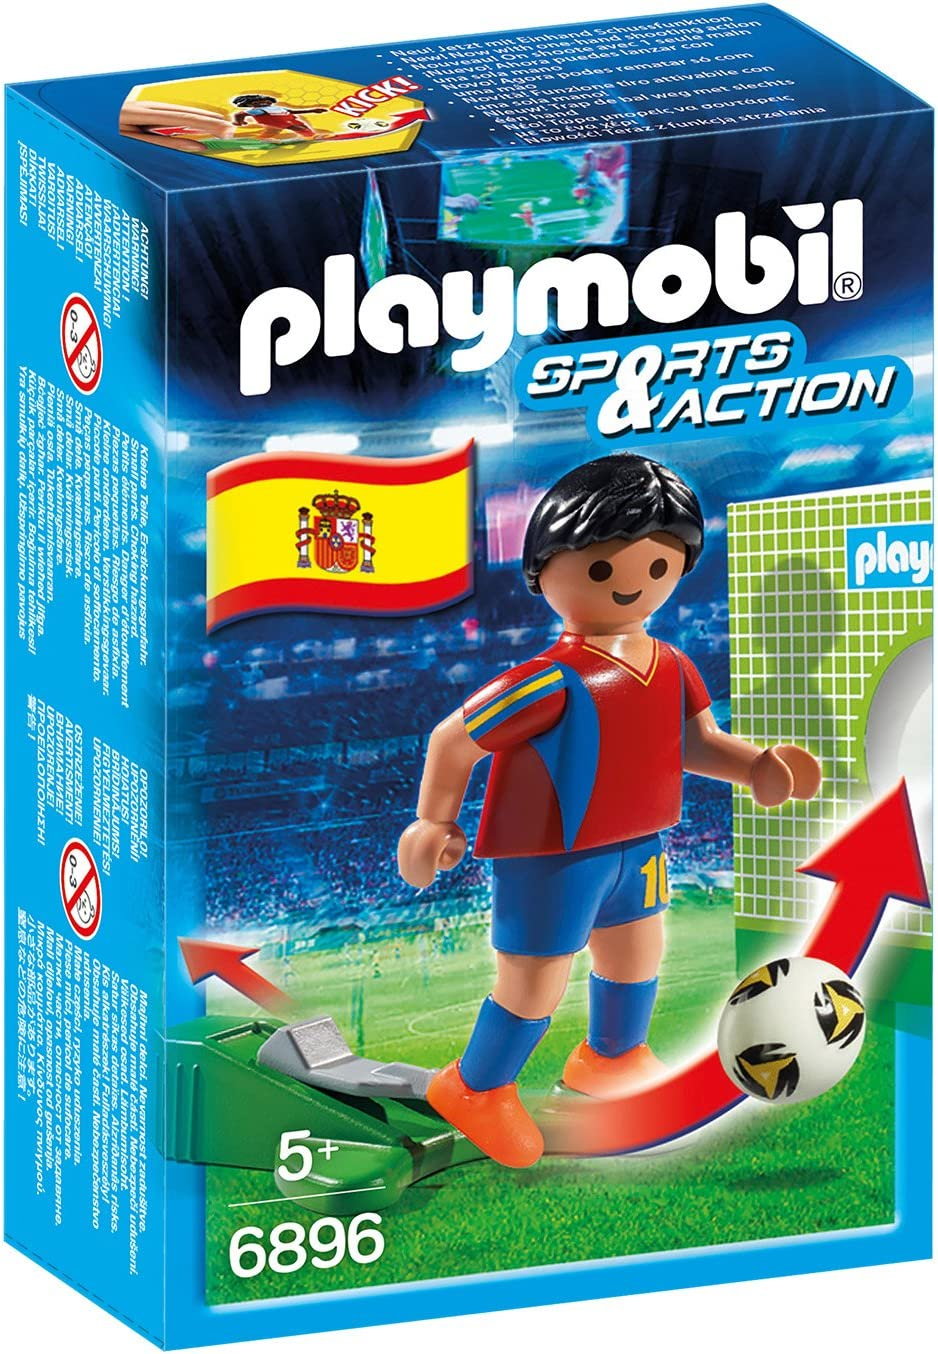 PLAYMOBIL - Futbolista España (68960): Amazon.es: Juguetes y juegos